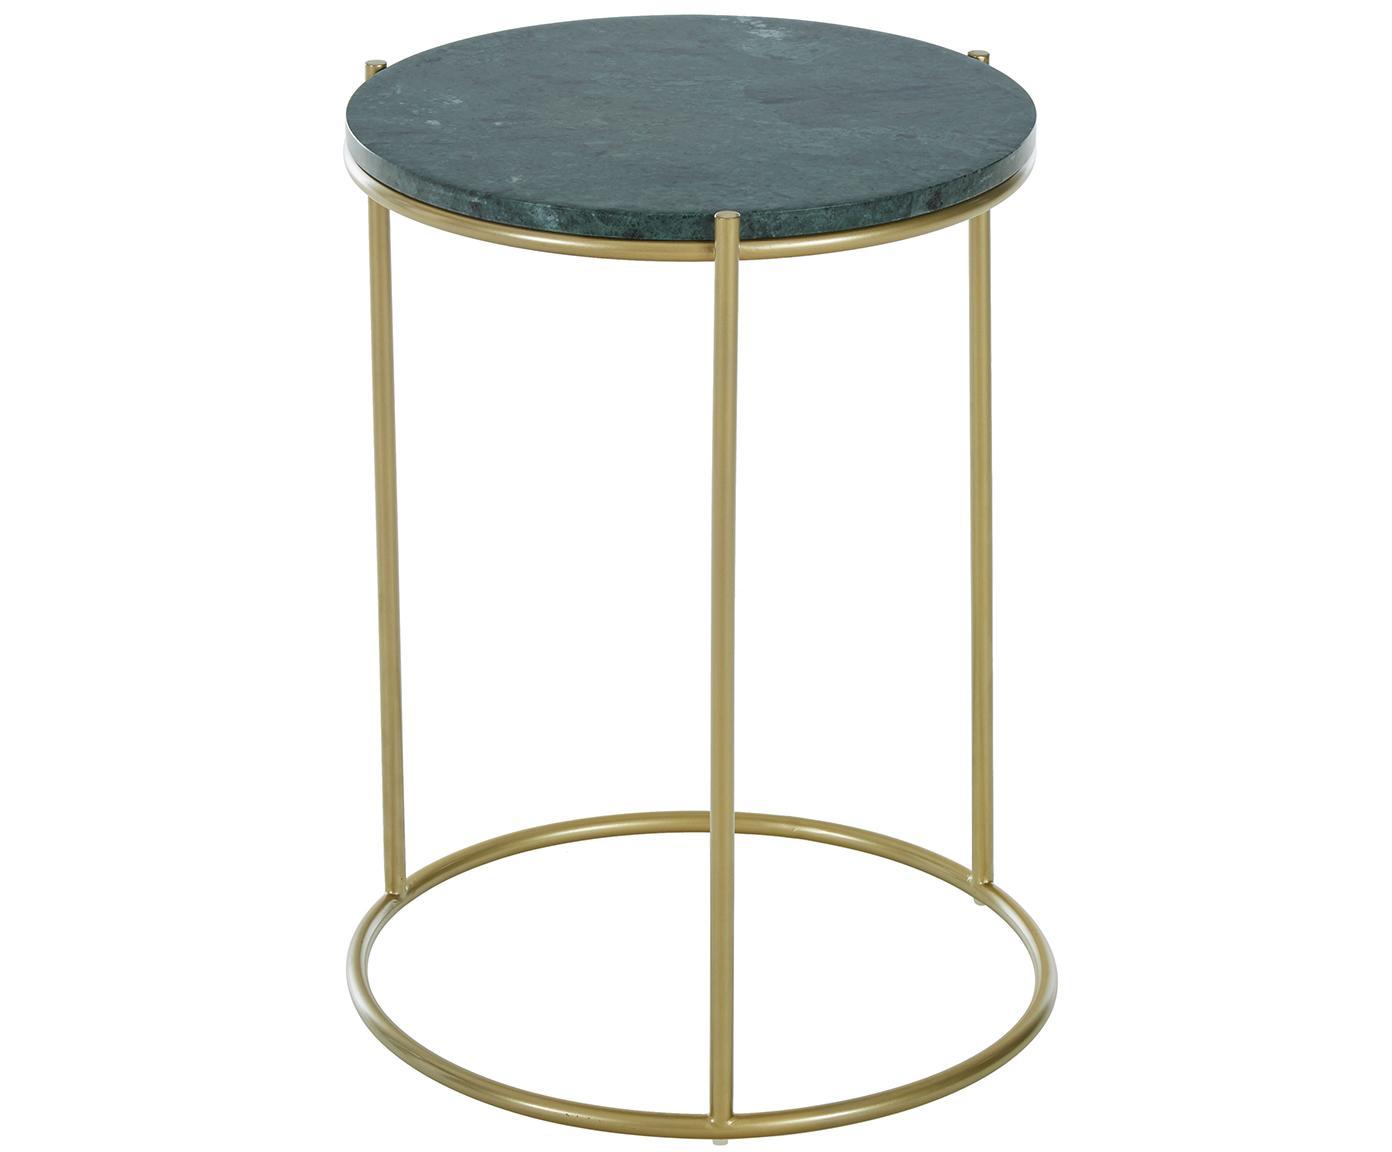 Runder Marmor-Beistelltisch Ella, Tischplatte: Marmor, Gestell: Metall, pulverbeschichtet, Tischplatte: Grüner Marmor Gestell: Goldfarben, matt, Ø 40 x H 50 cm